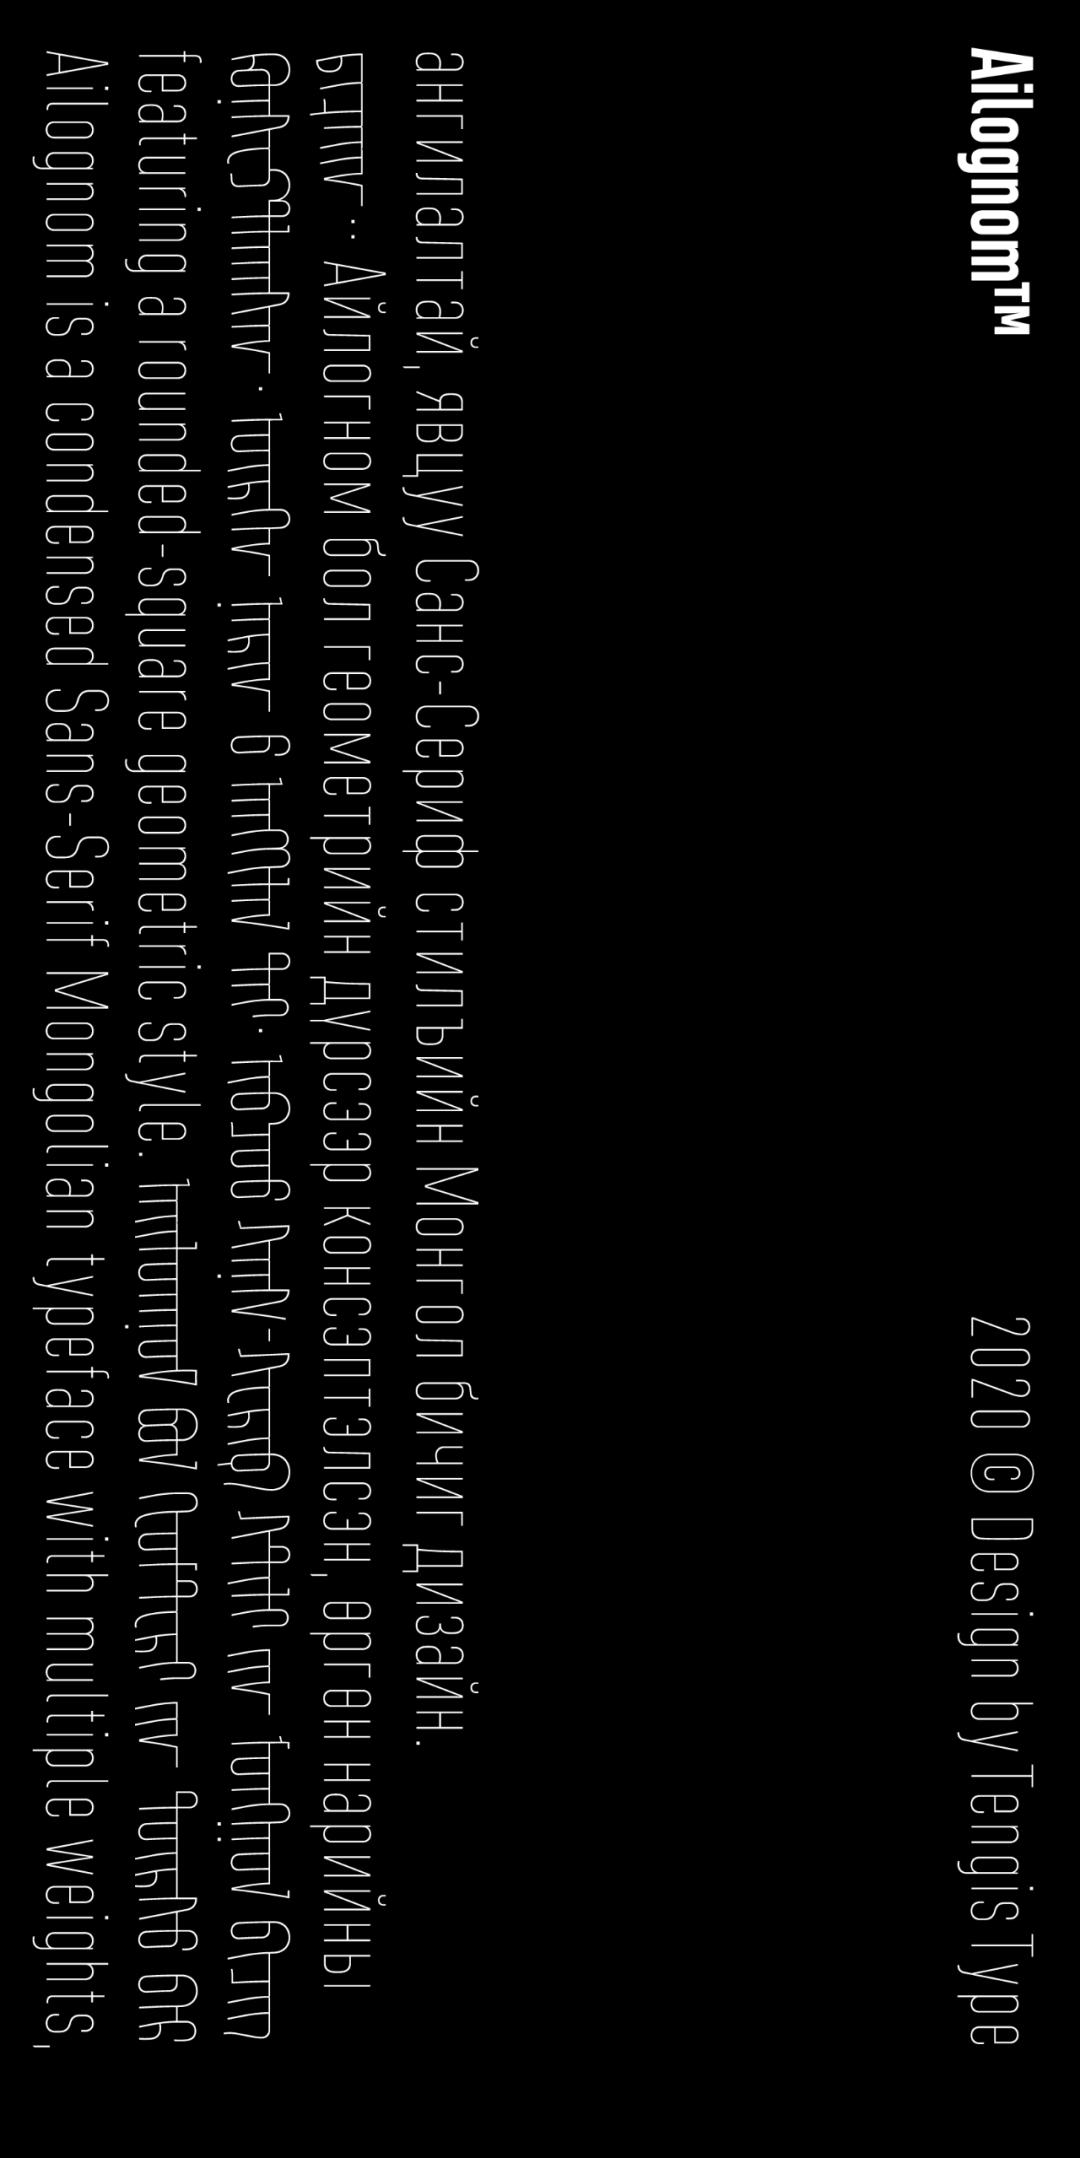 几何风格蒙古字体 Ailognom™ 第19张